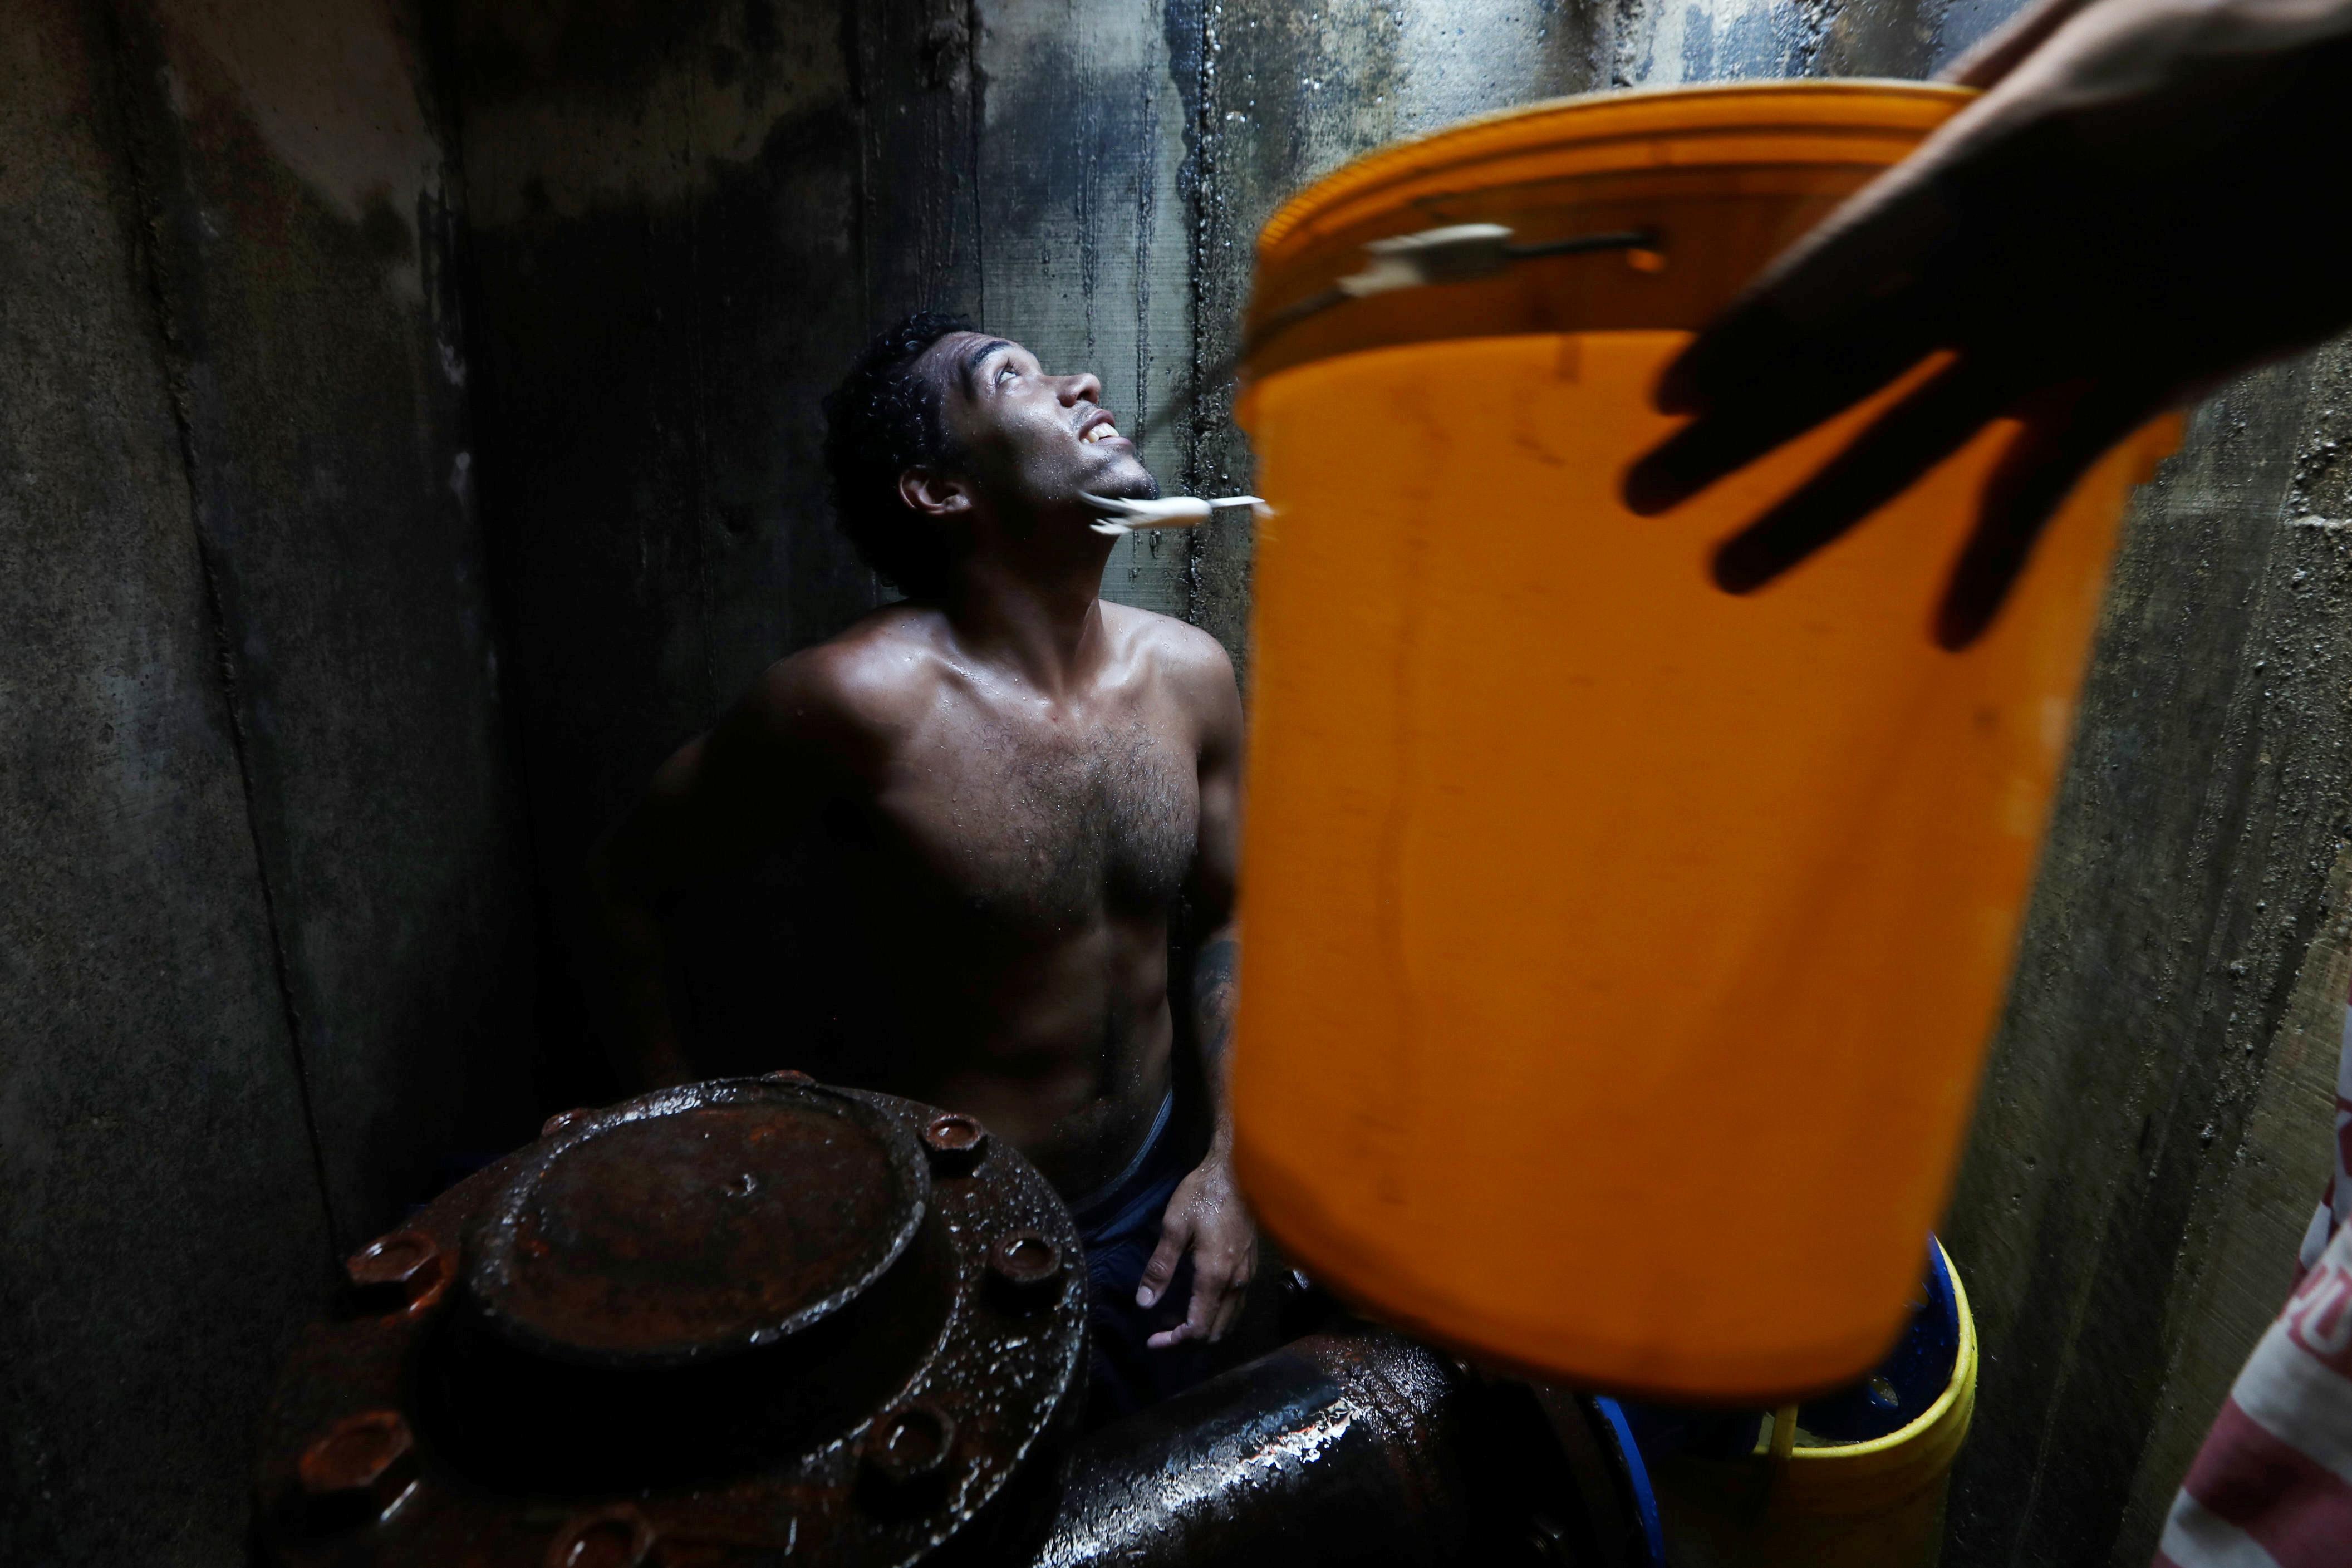 Венесуэльцы пытаются сцедить воду из подземной трубы